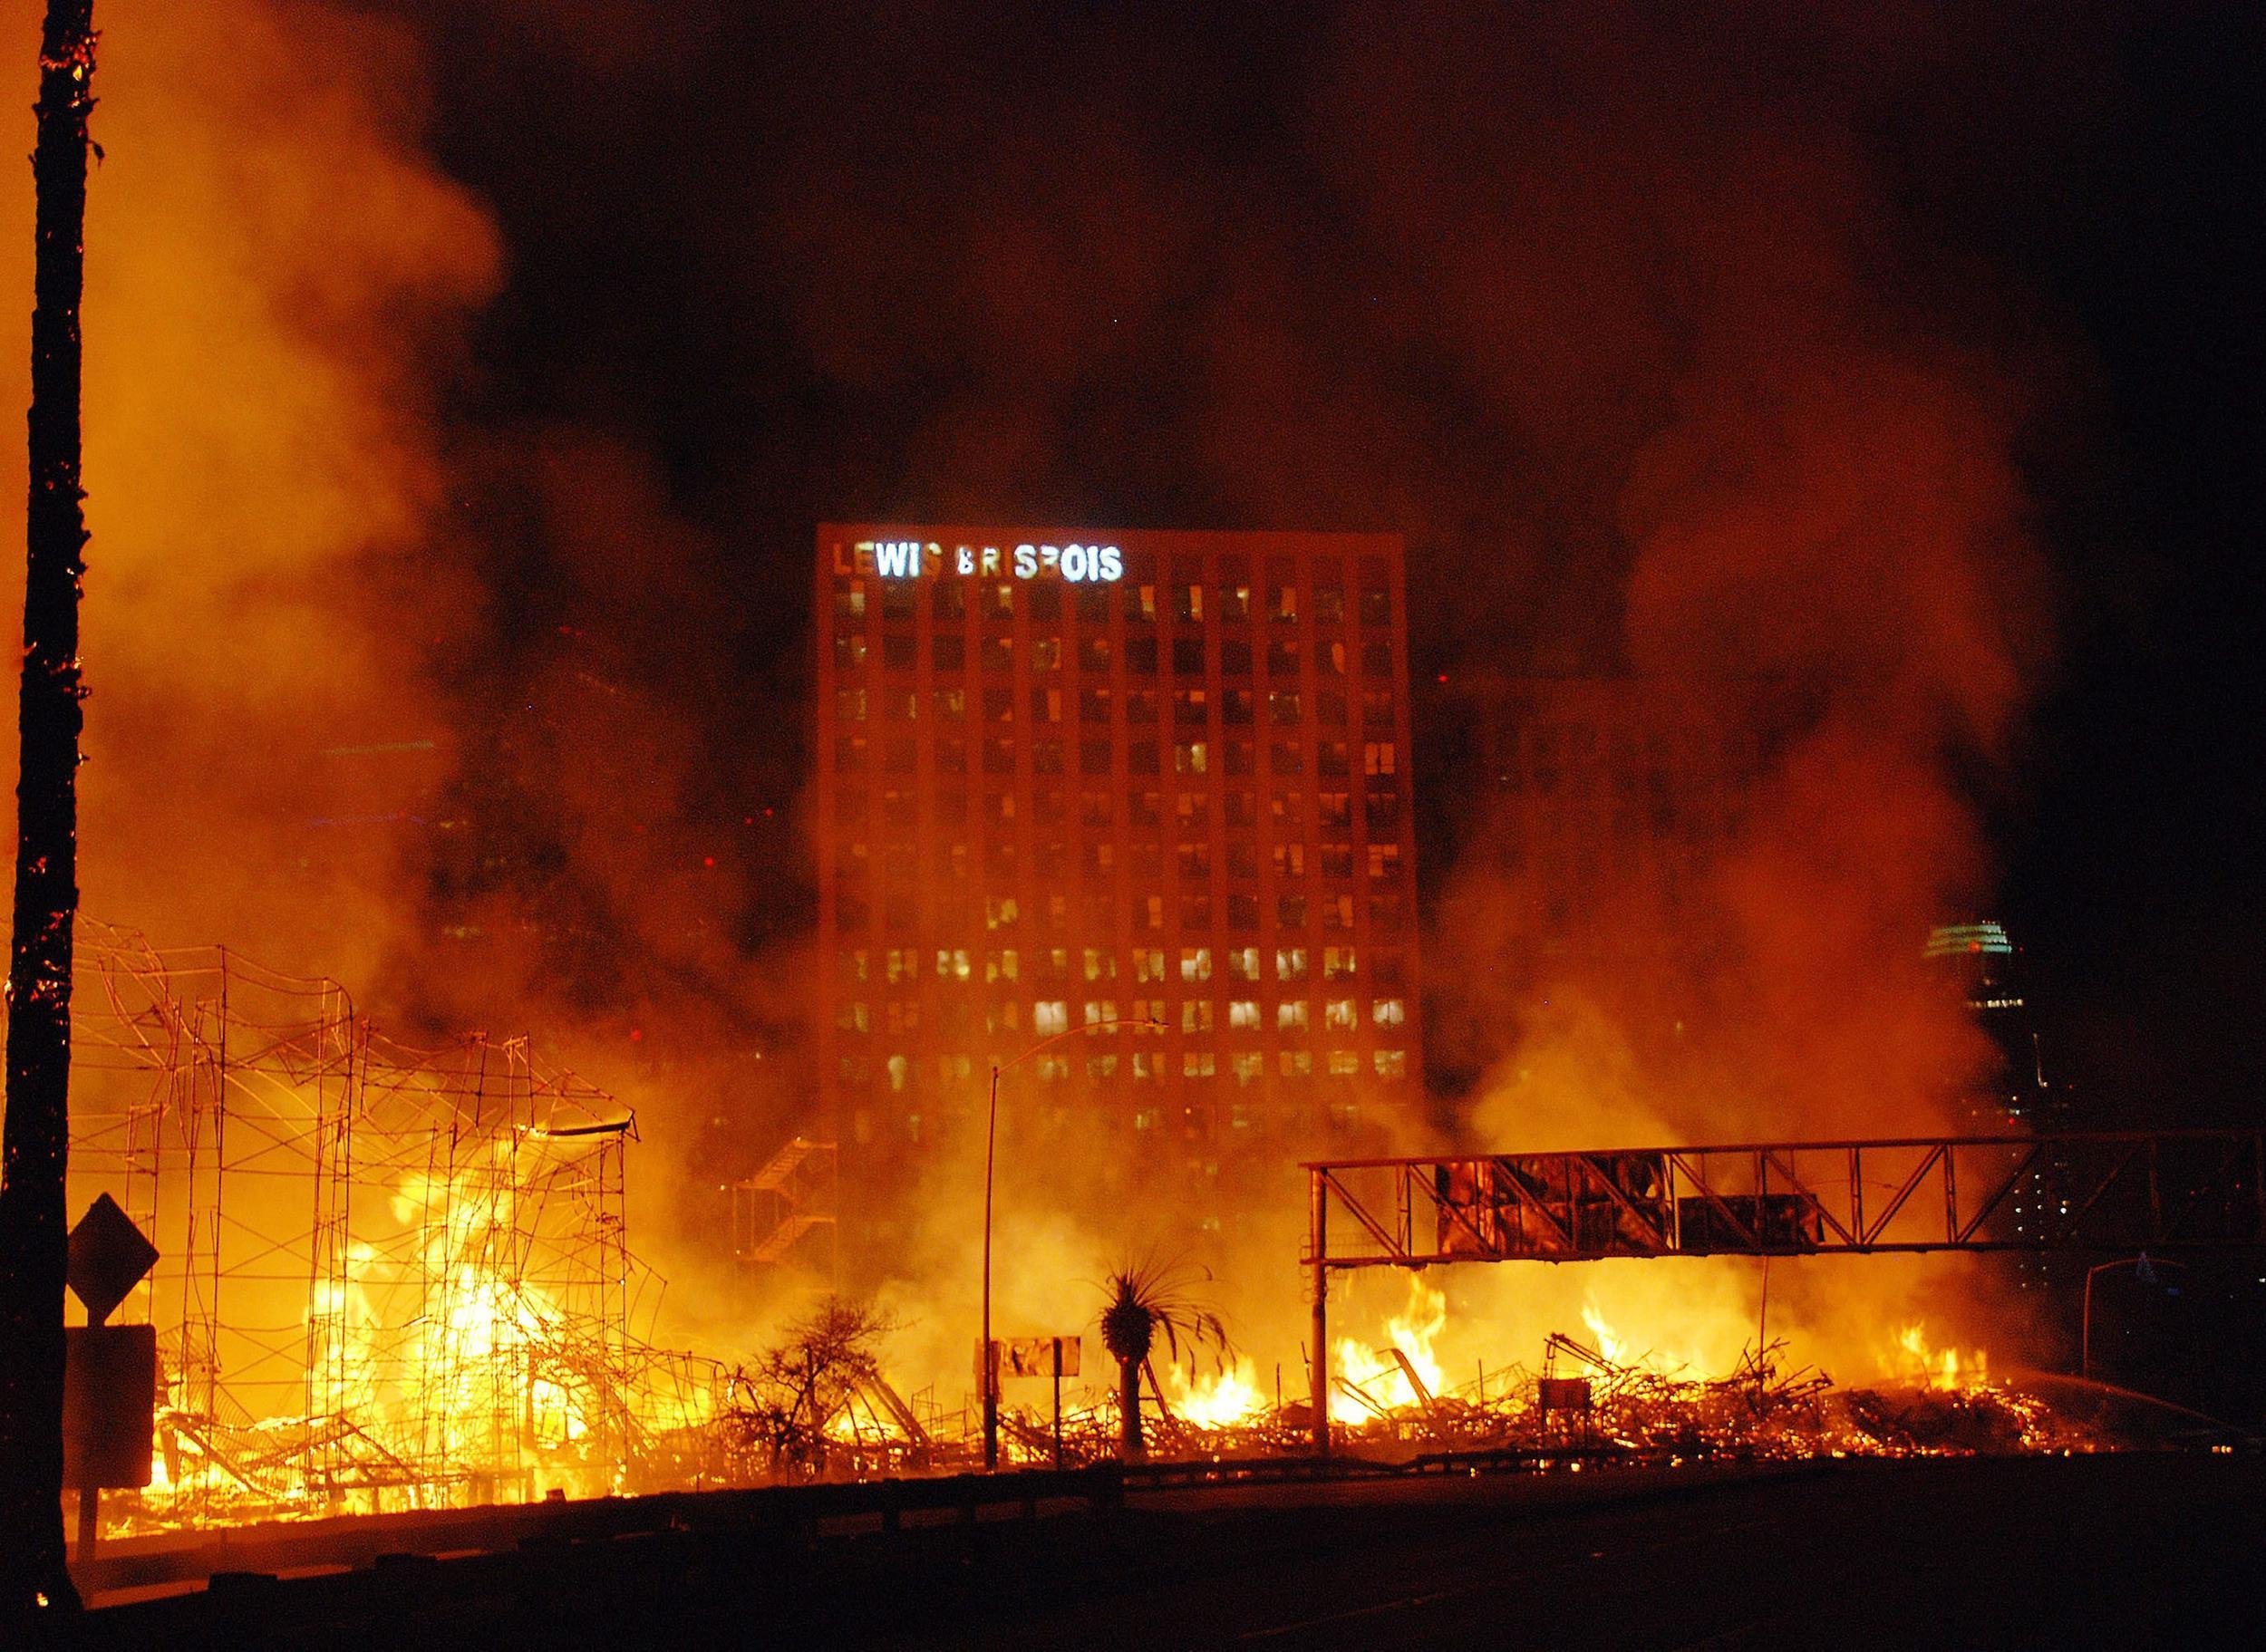 la fires - photo #12